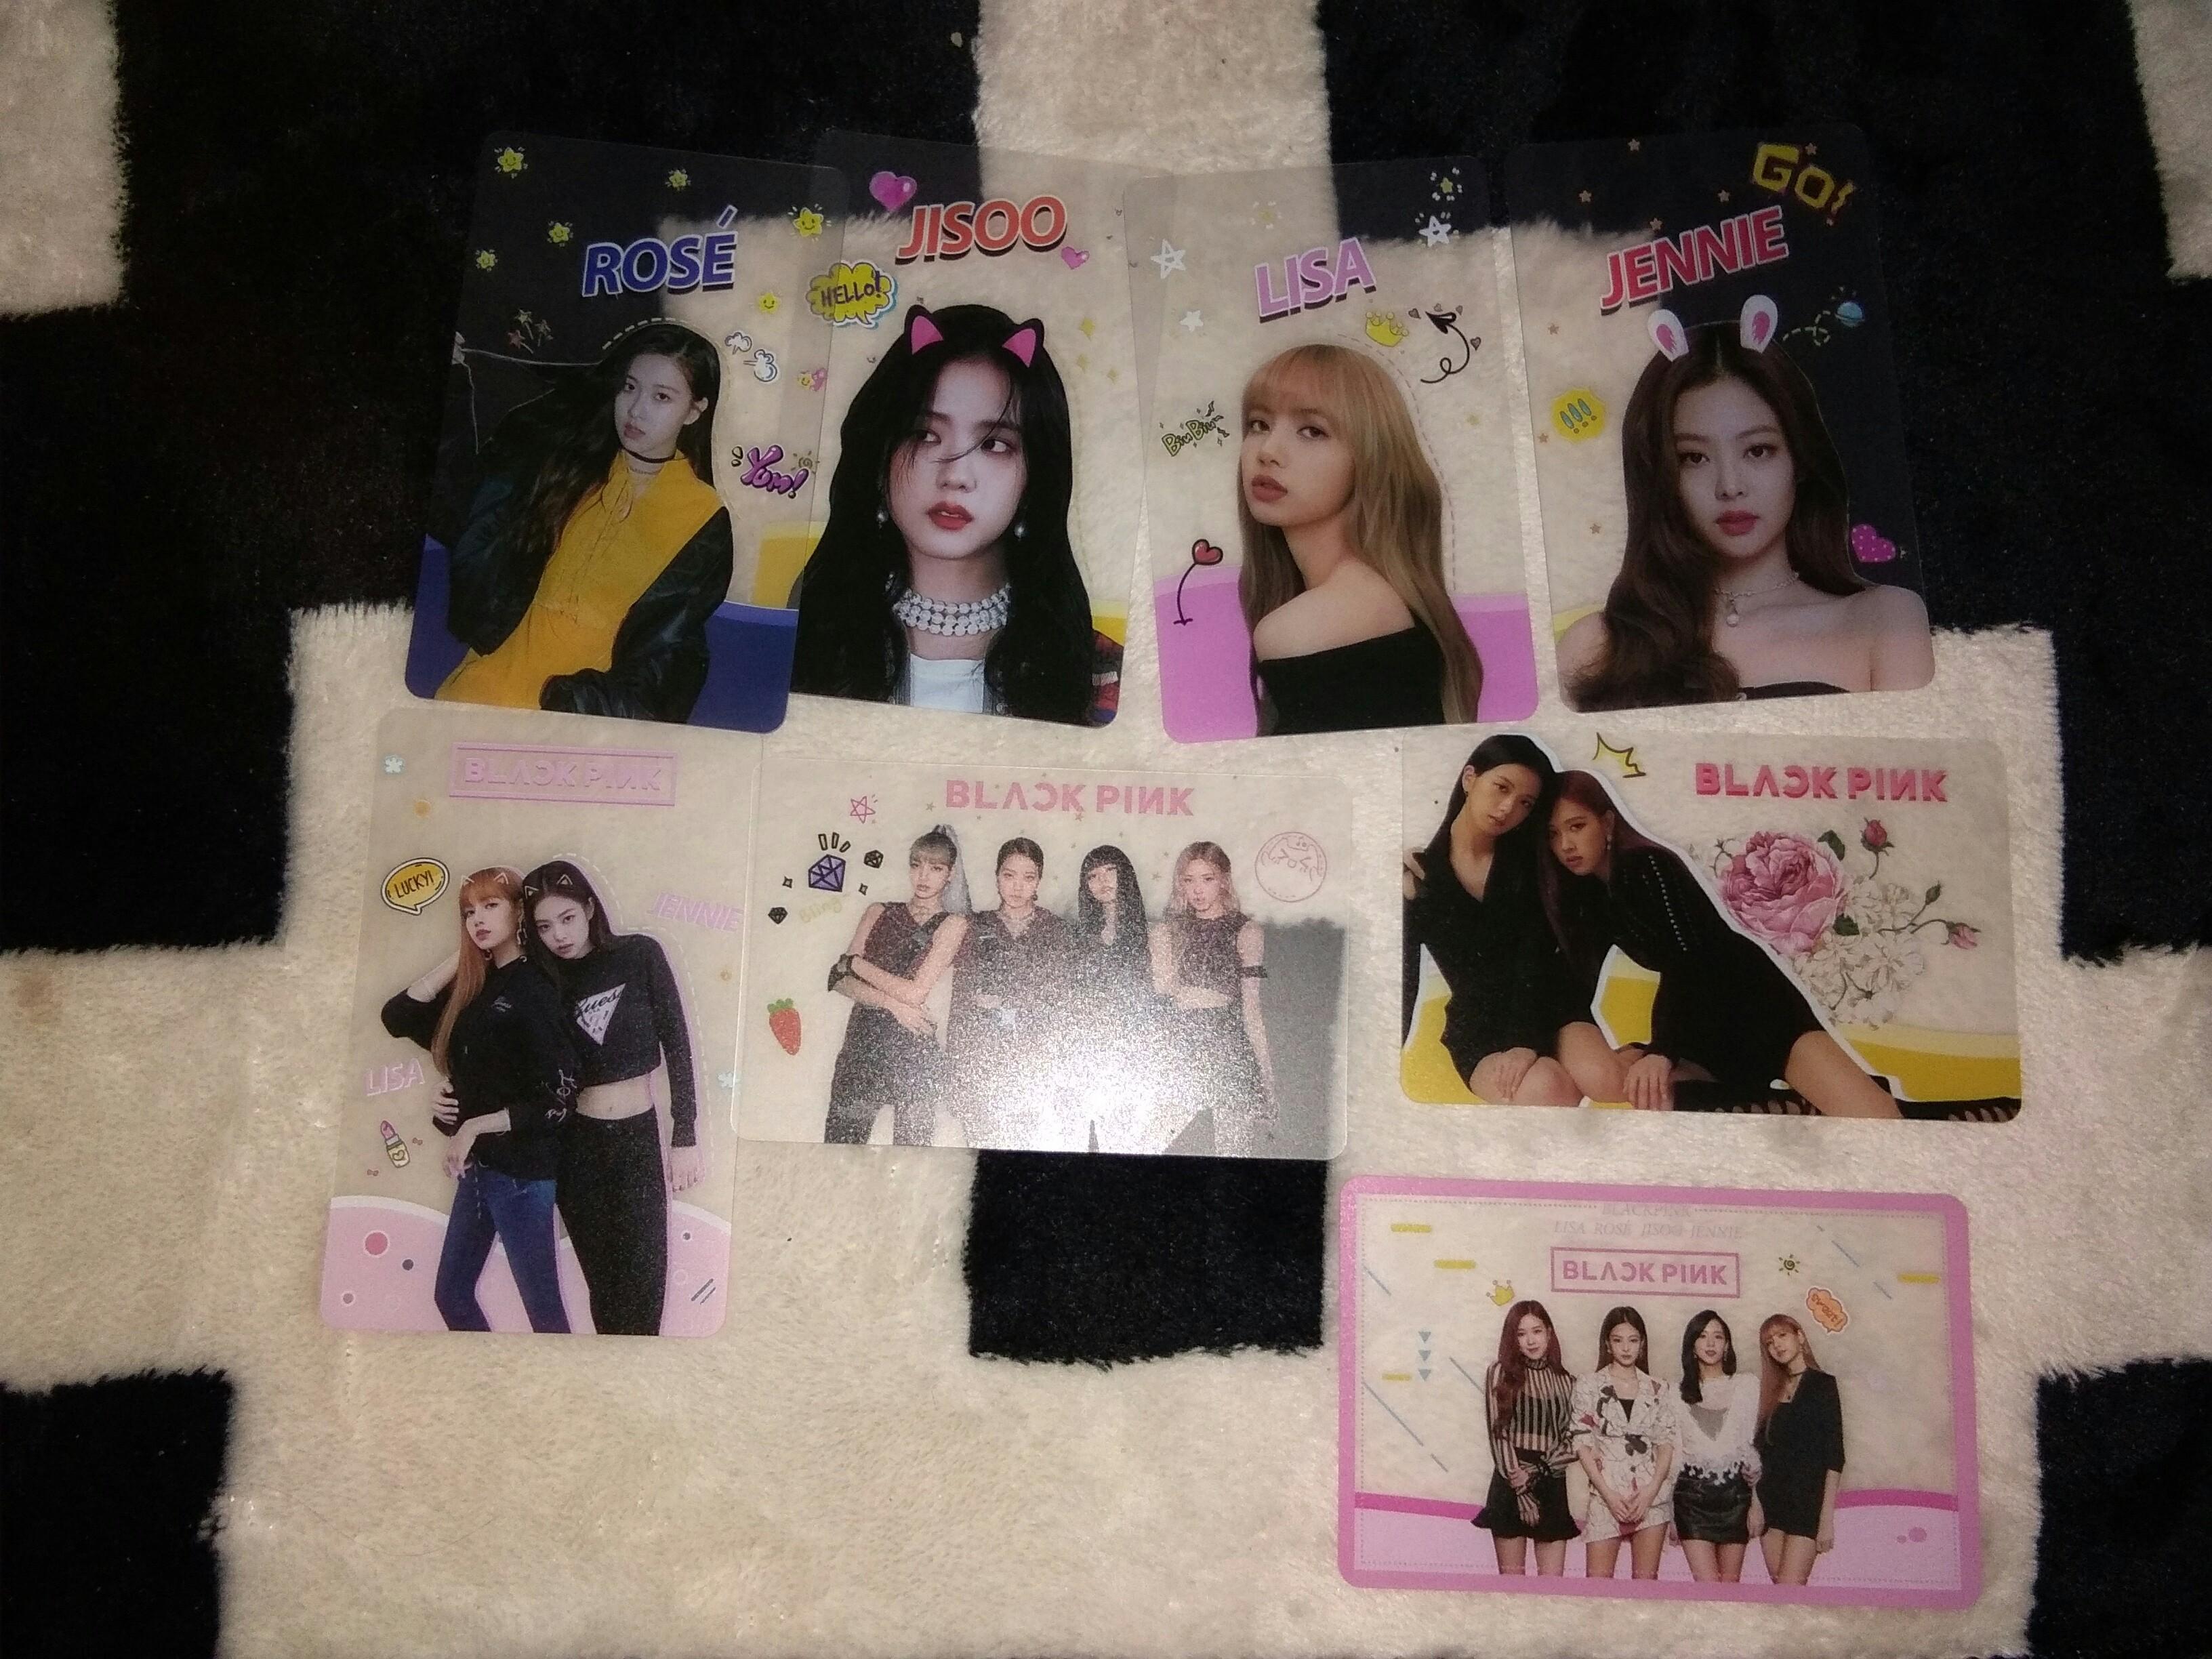 BLACPINK photocard/Blackpink merchandise/ Blackpink bookmark / Blackpink sticker